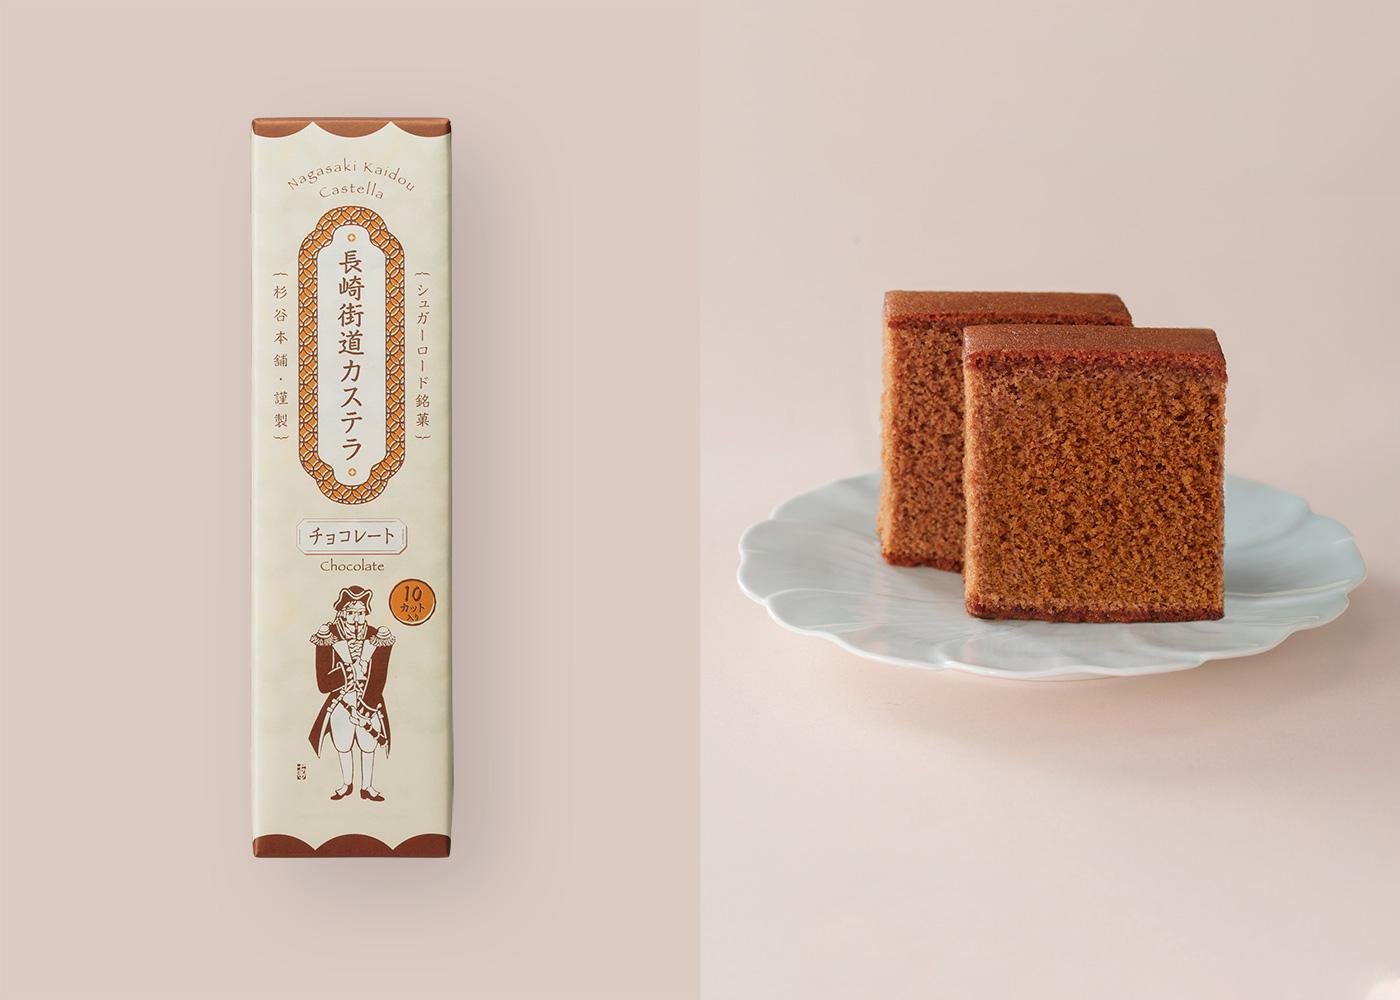 長崎カステラ紀行チョコレート風味